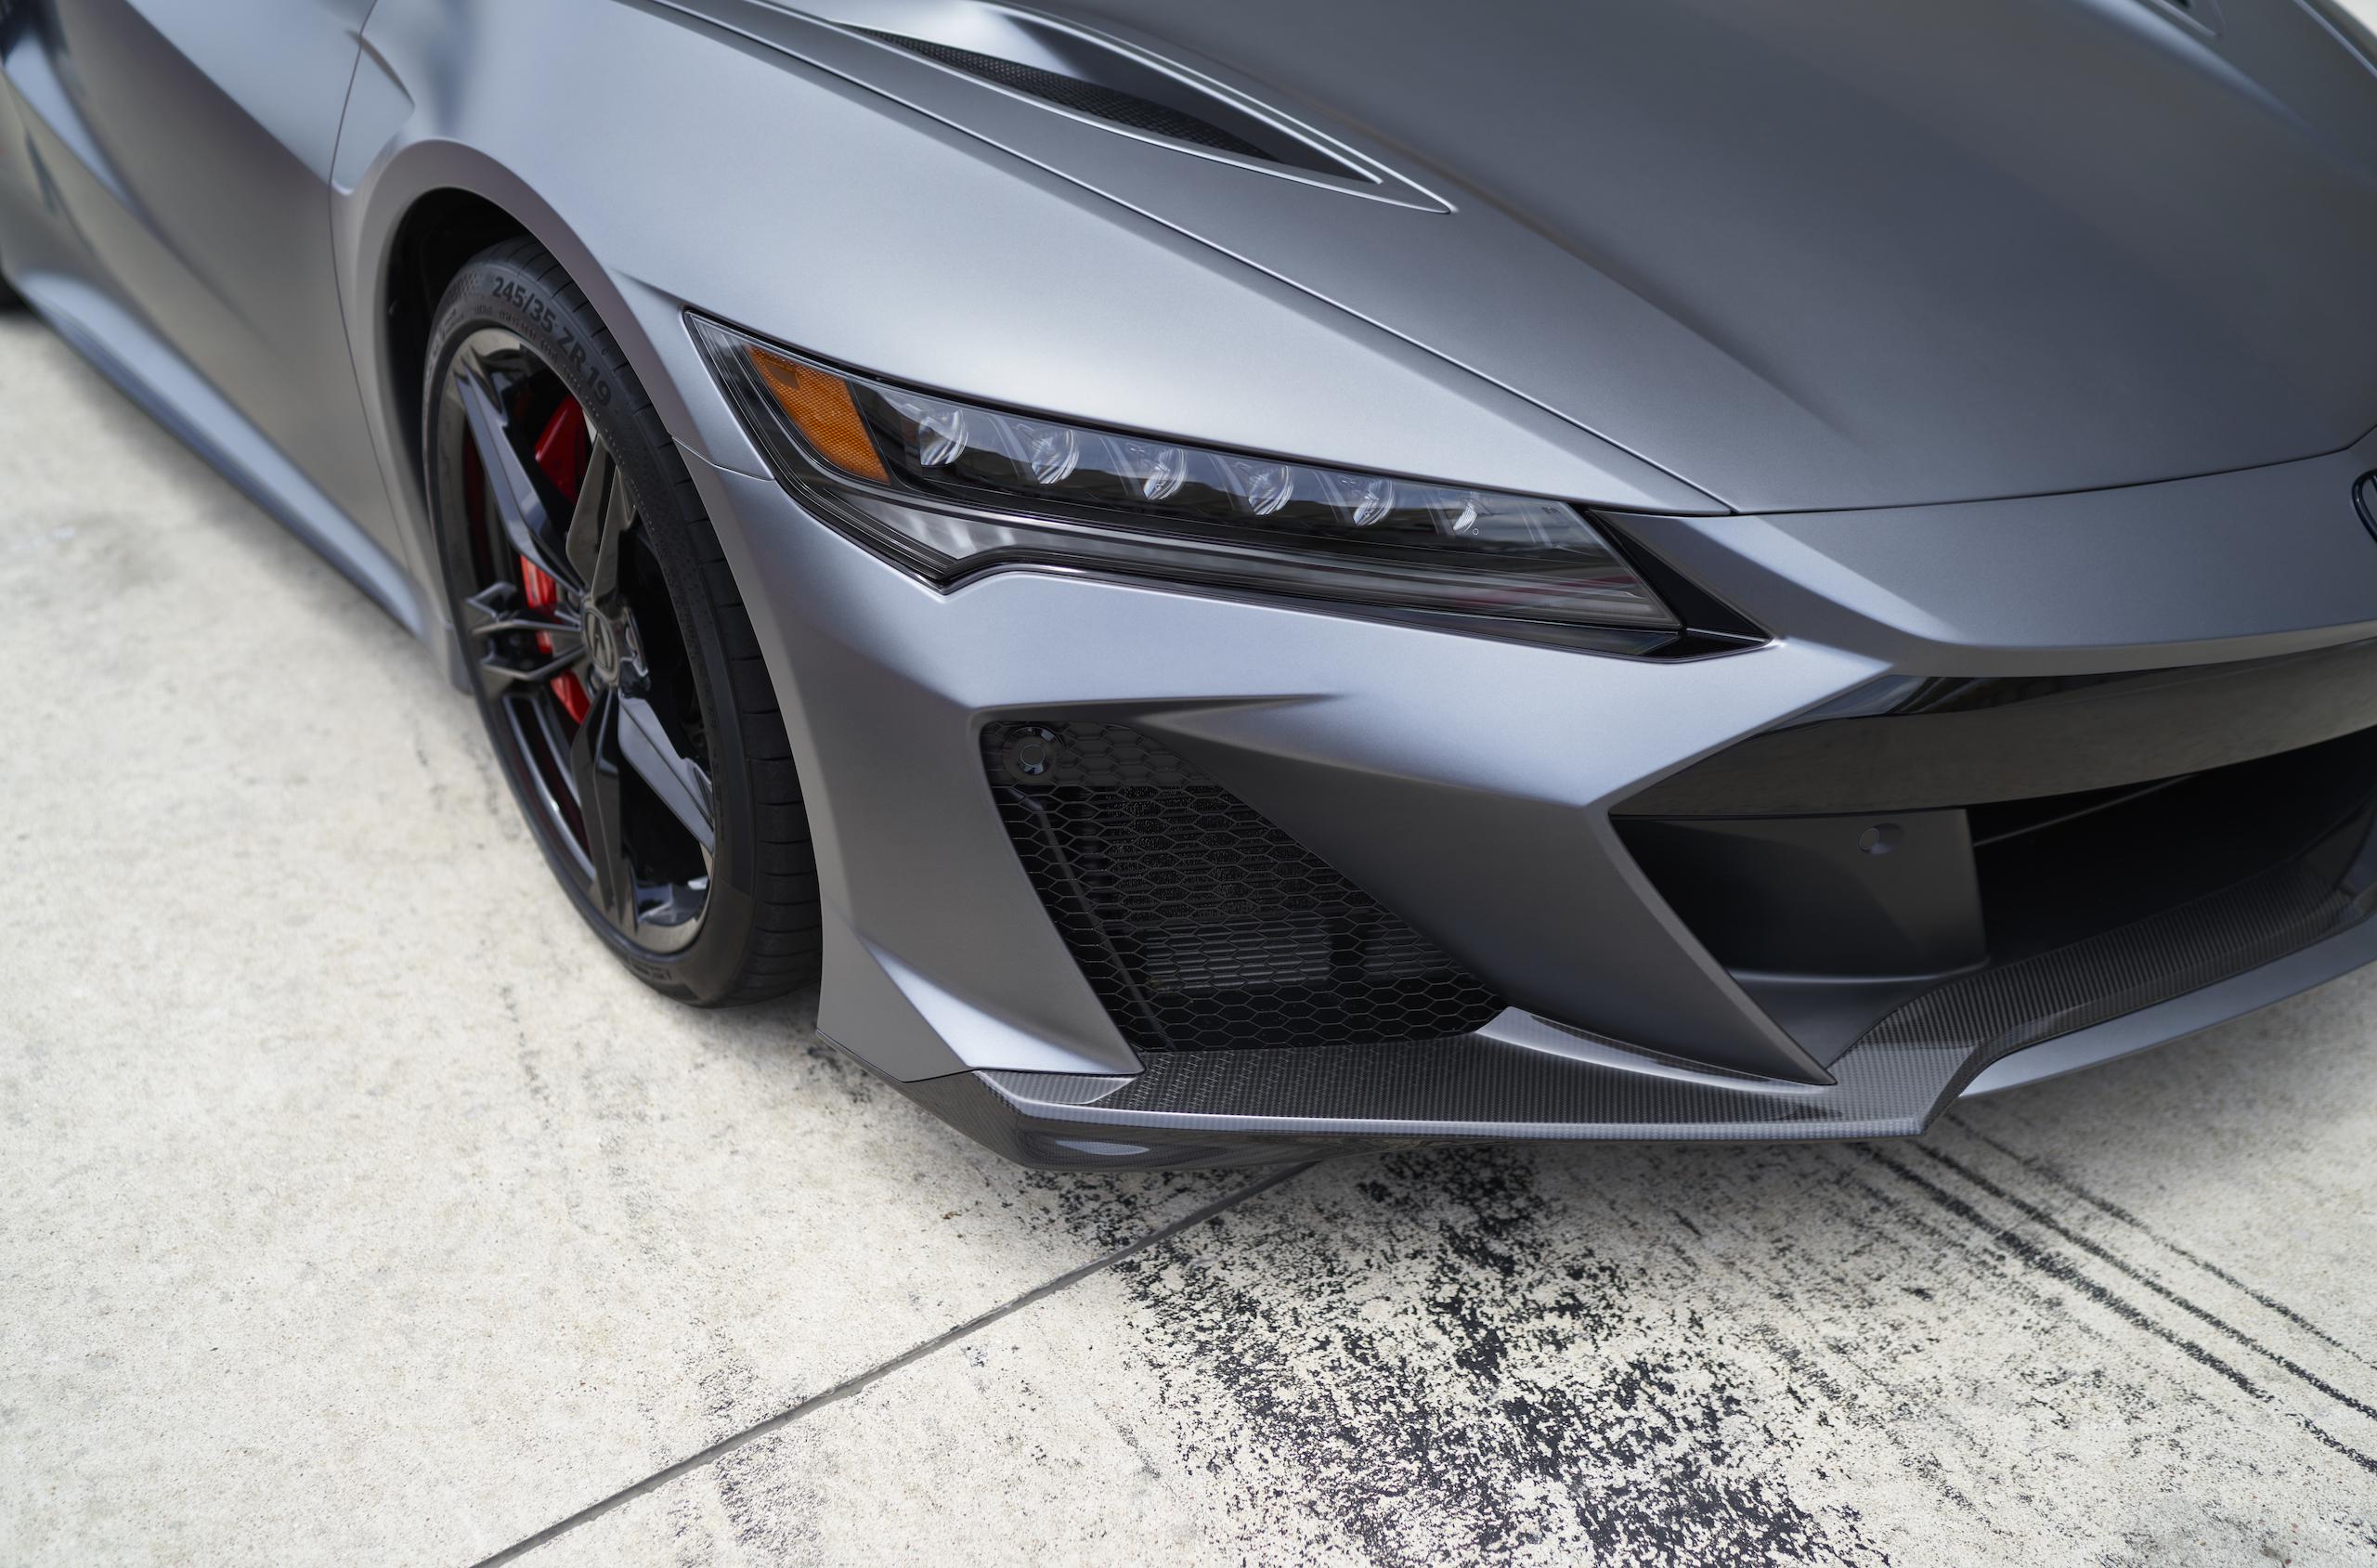 2022 Acura NSX Type S headlight